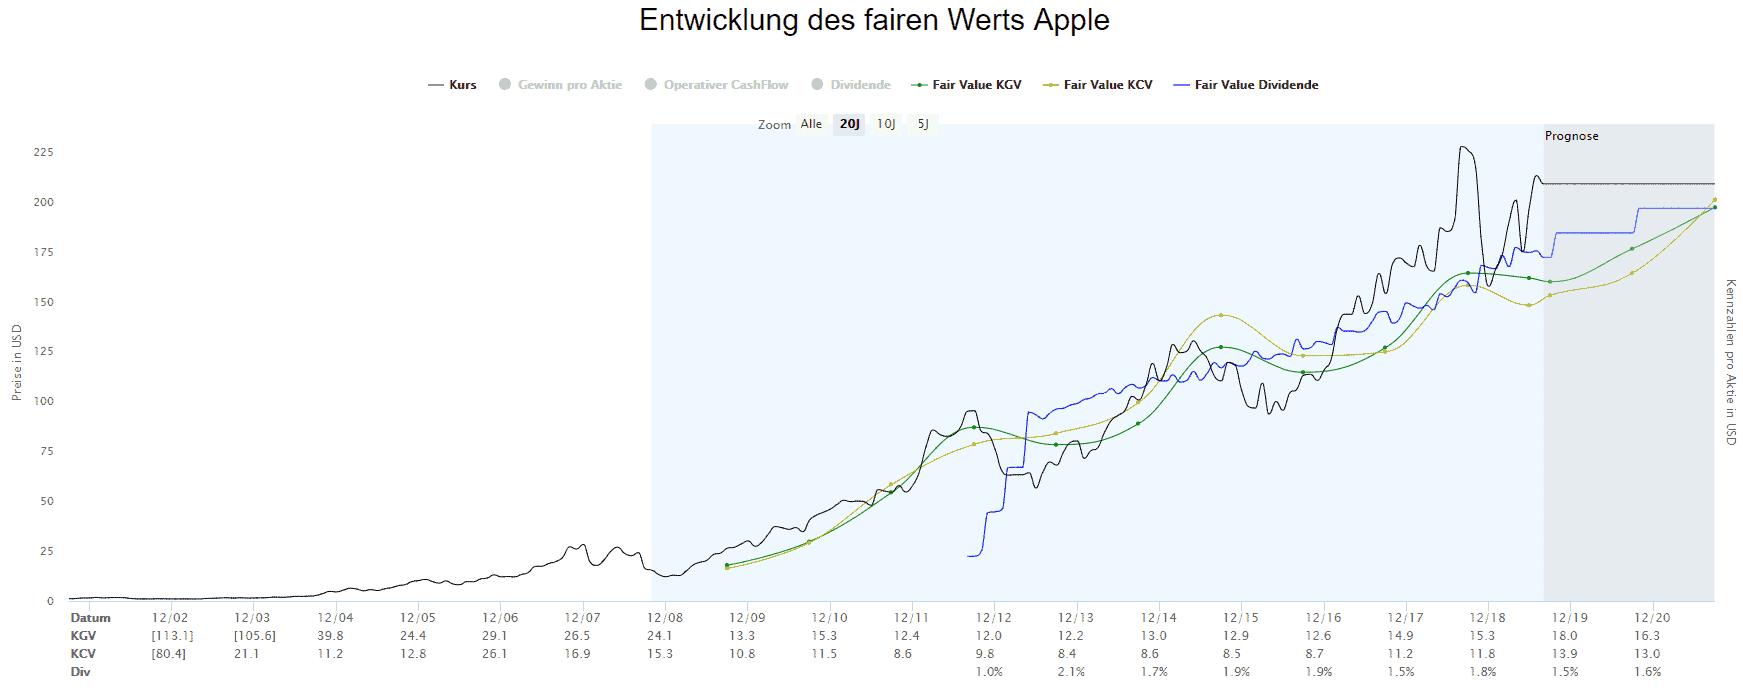 Fair Value Berechnung von Apple basierend auf der aktuellen Phase beginnend im Jahr 2007